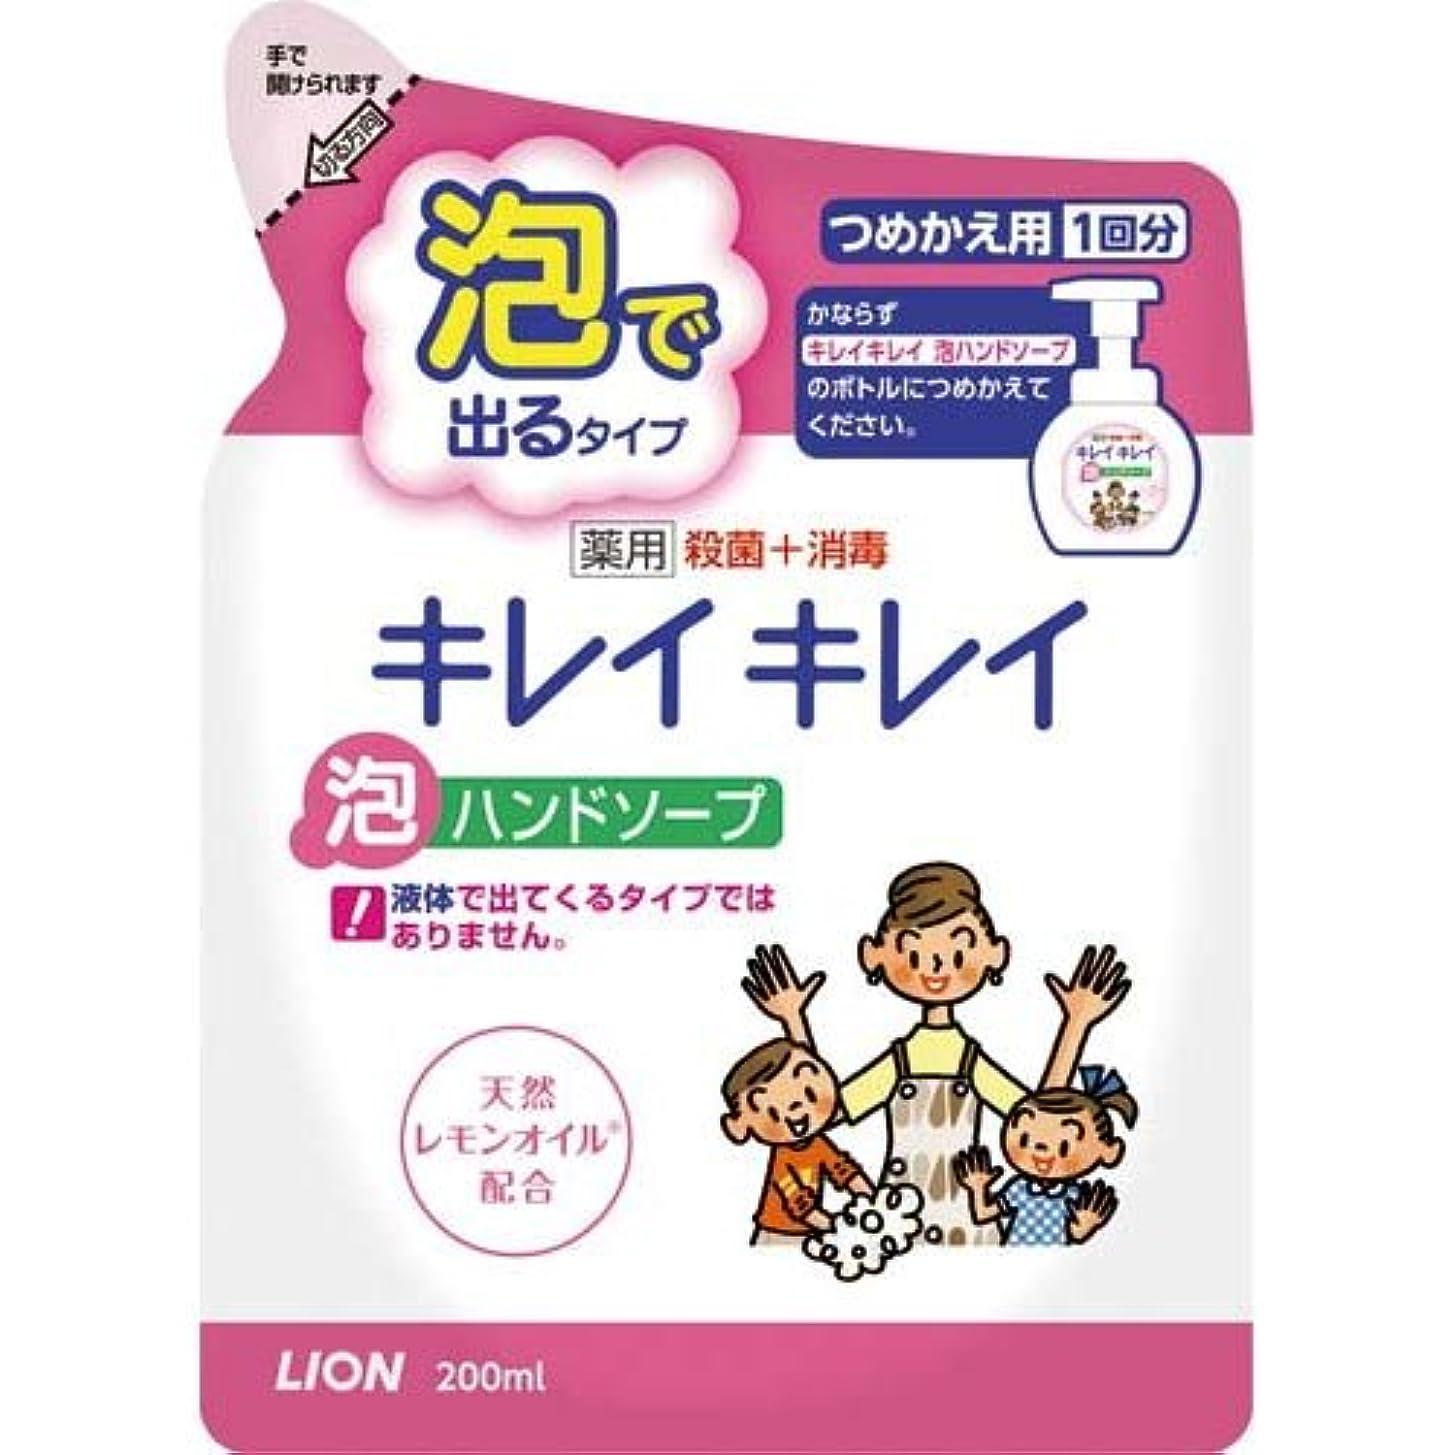 定義する初期の夏キレイキレイ 薬用泡ハンドソープ つめかえ用 200mL(医薬部外品) ライオン